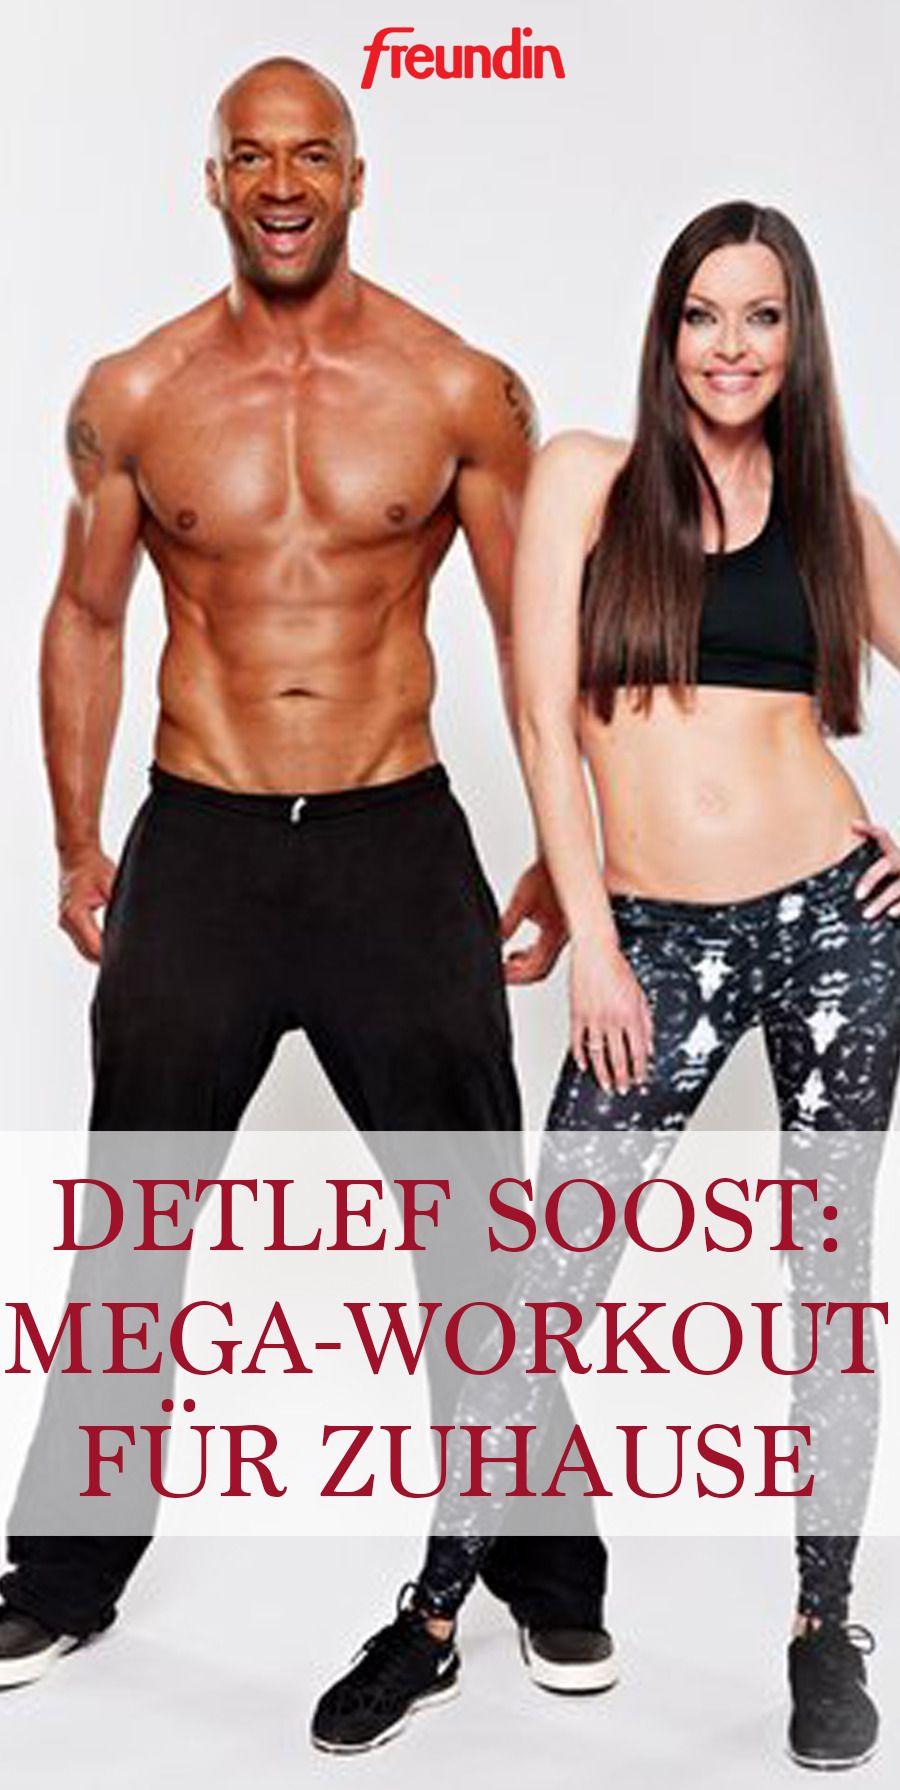 Fitness-Coach Detlef Soost aus dem freundin-Expertenkreis verrät, was es mit der Plank-Position auf...